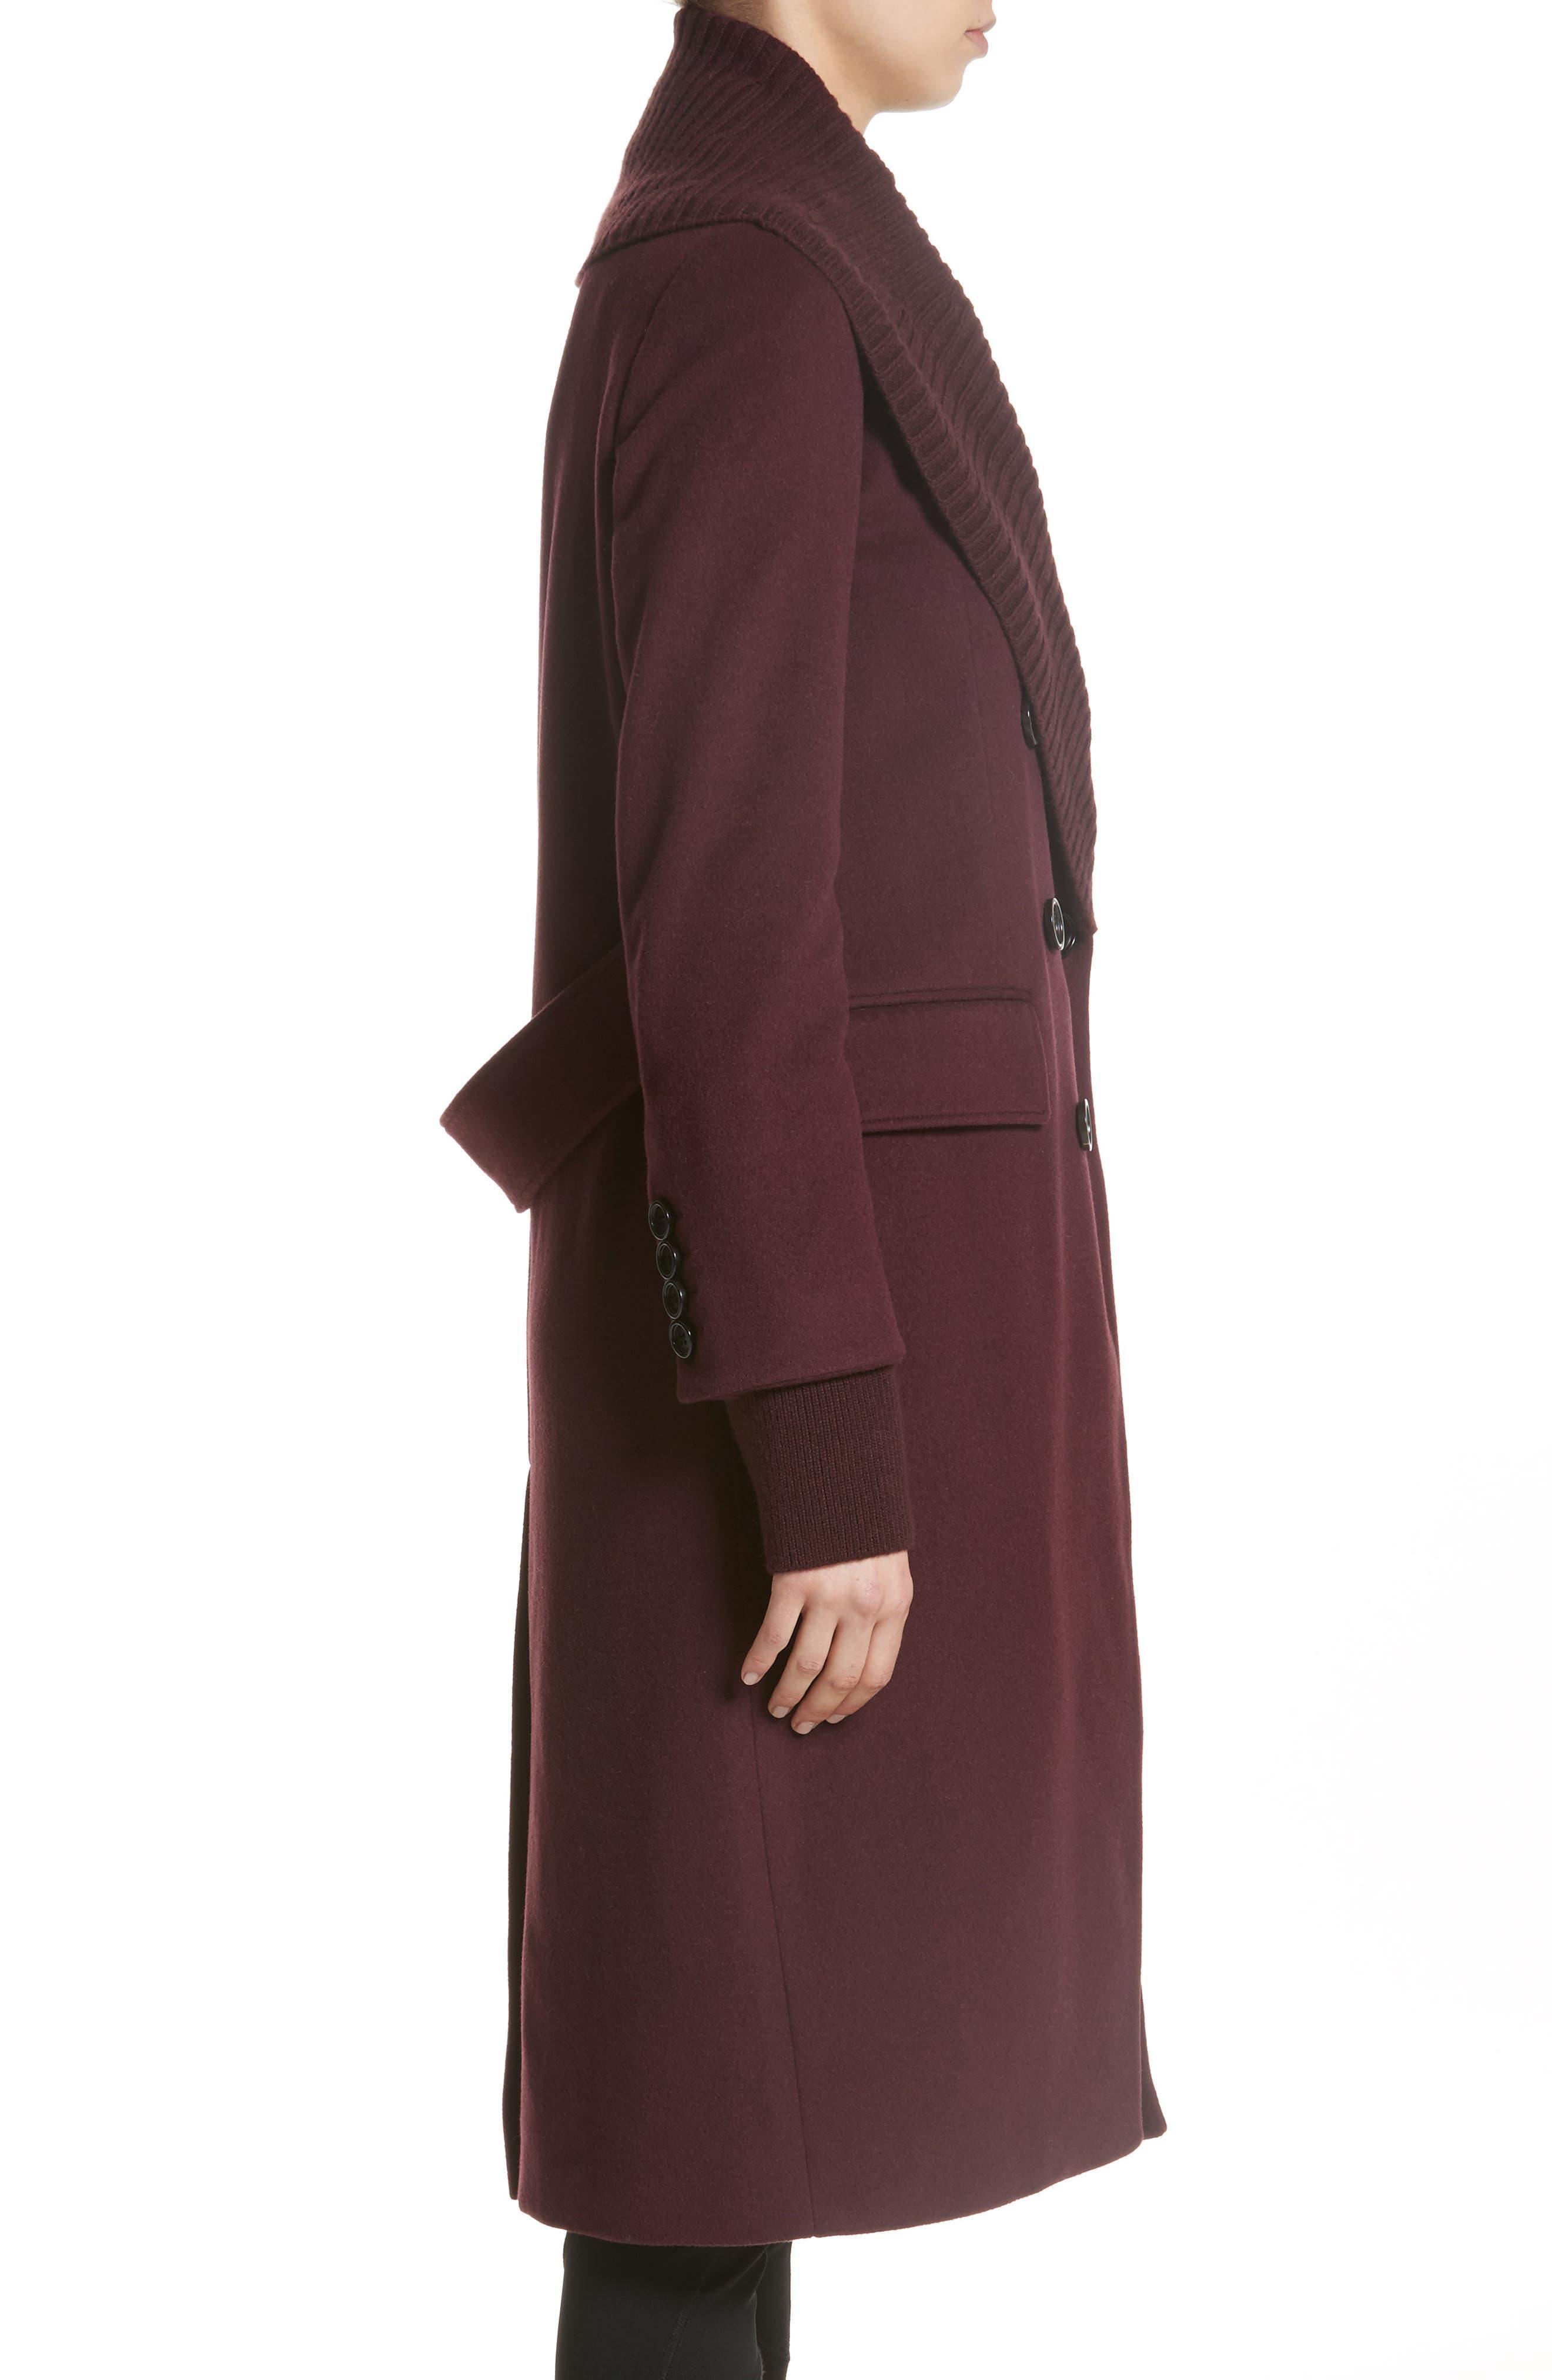 Cairndale Knit Trim Cashmere Coat,                             Alternate thumbnail 4, color,                             Black Currant